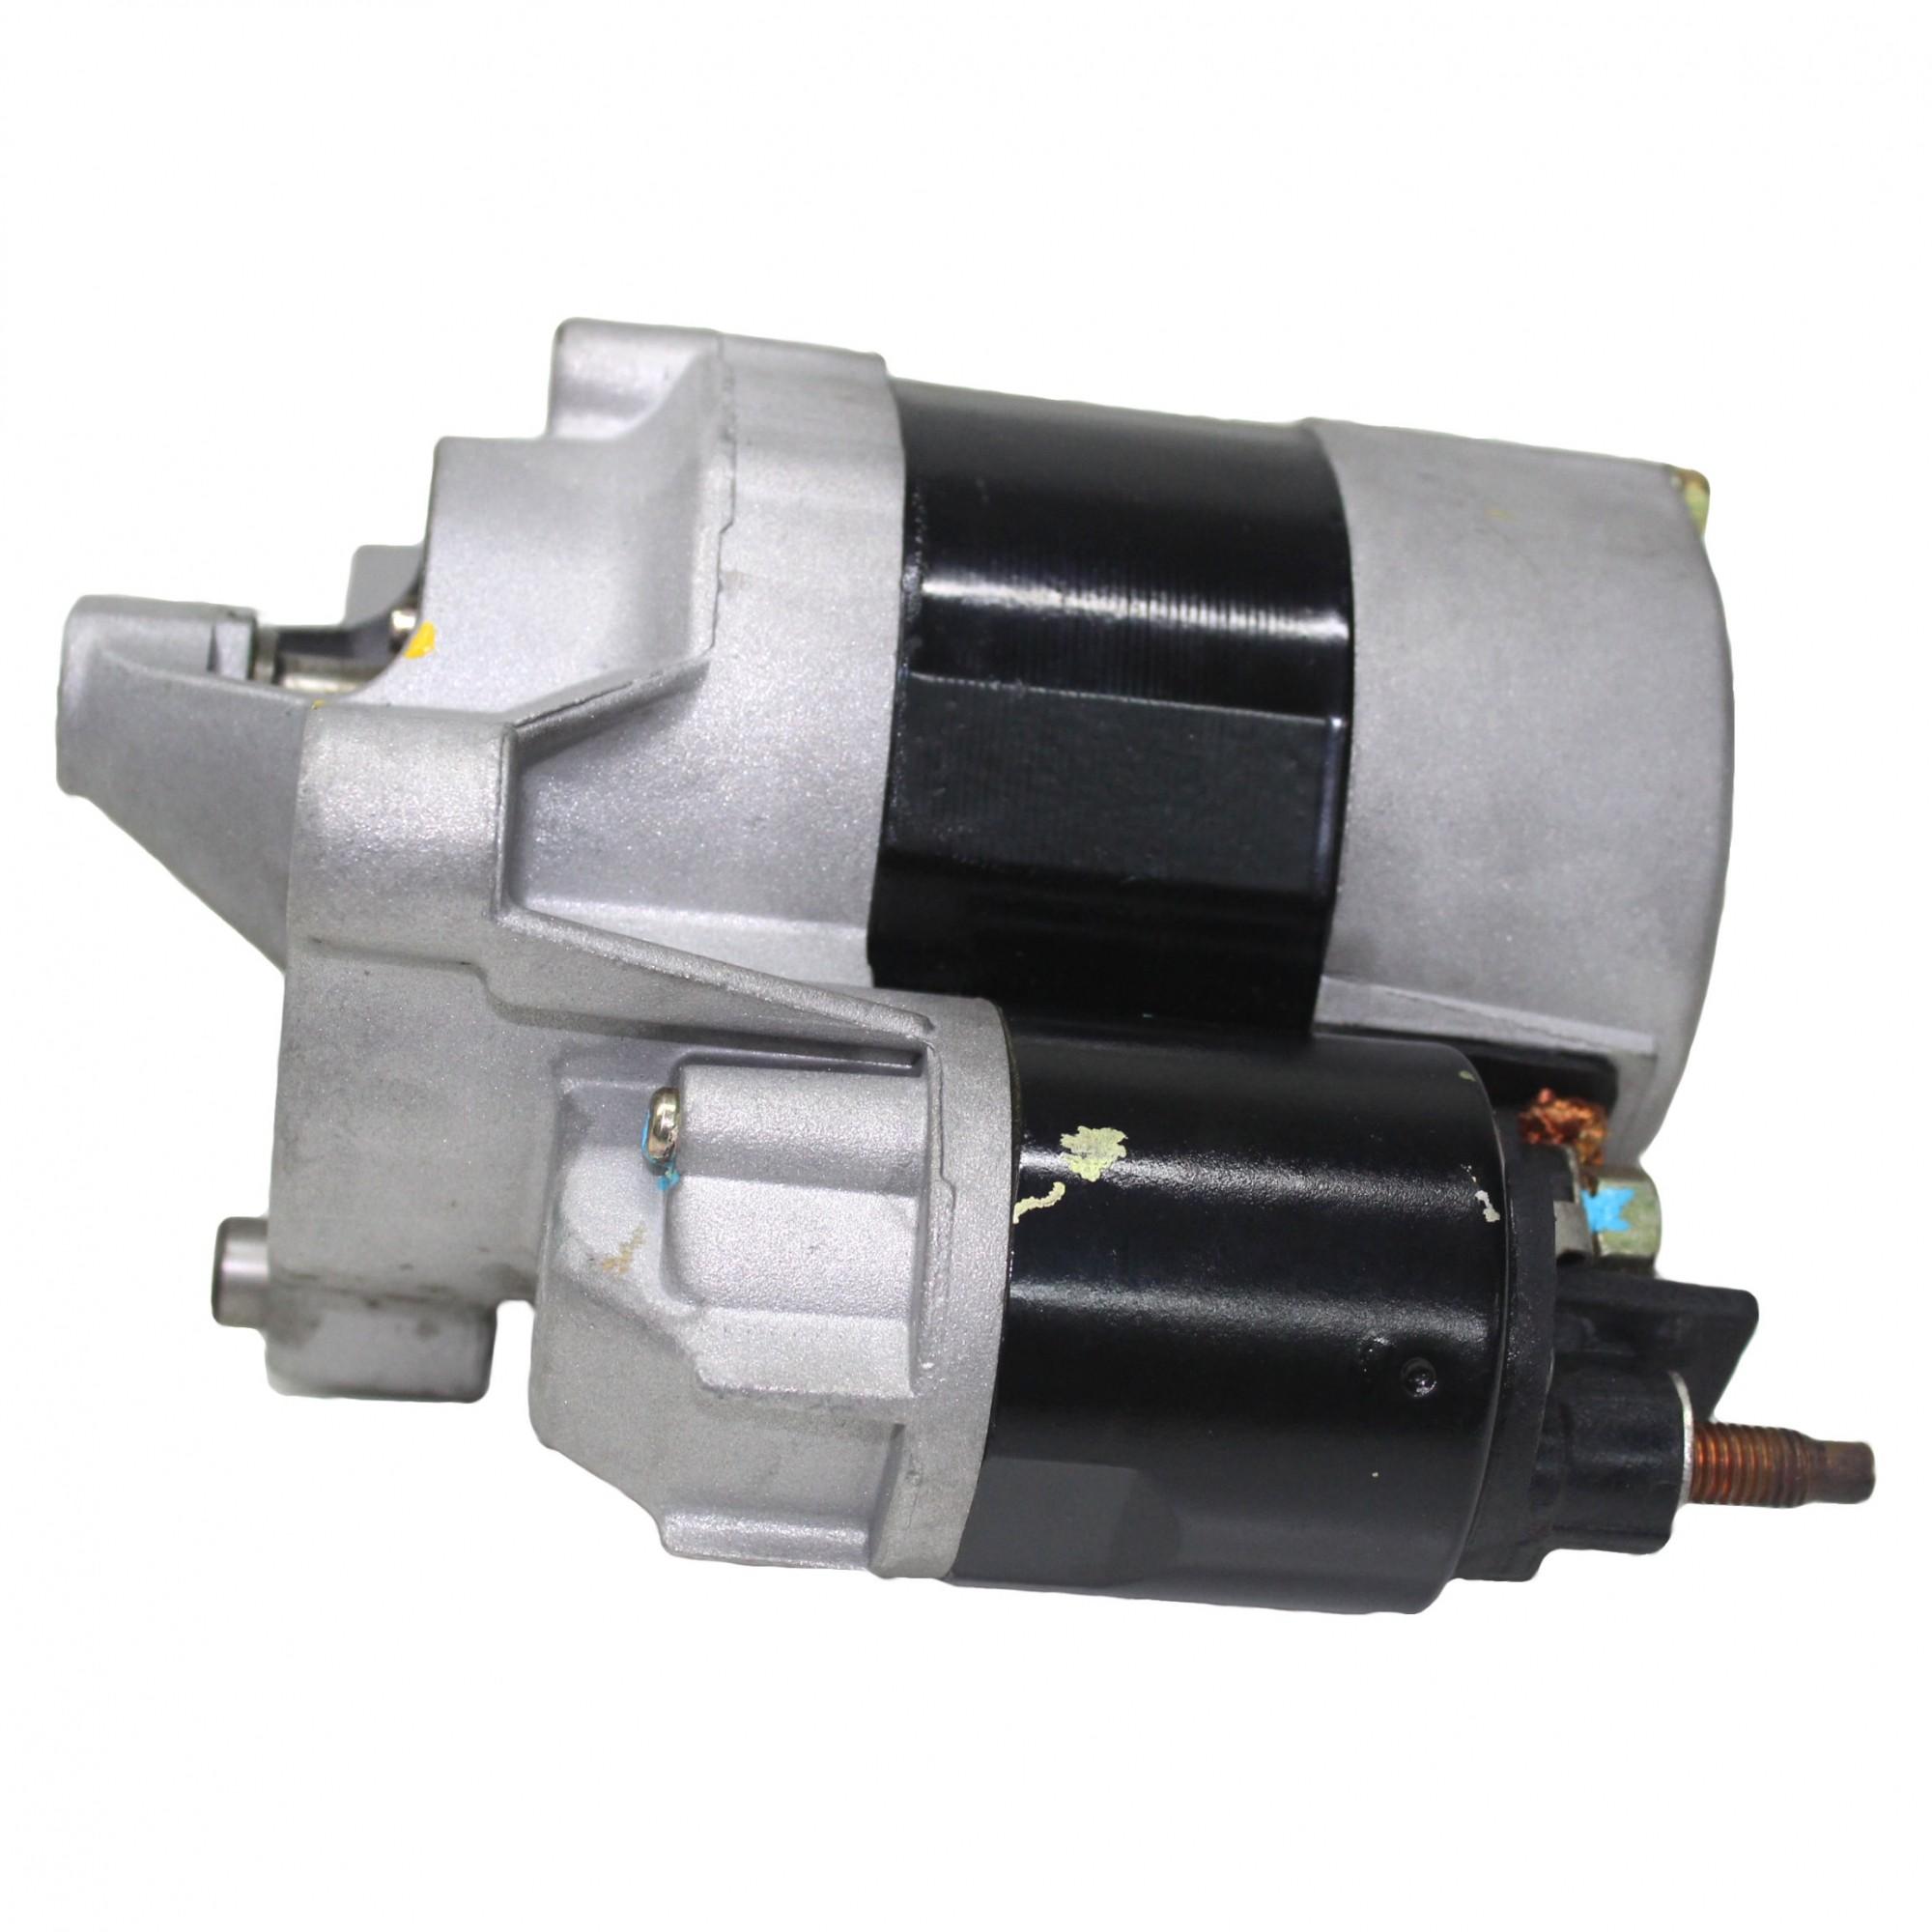 Motor de Arranque Partida Peugeot 206, 207 e Citroen C3 D7E23